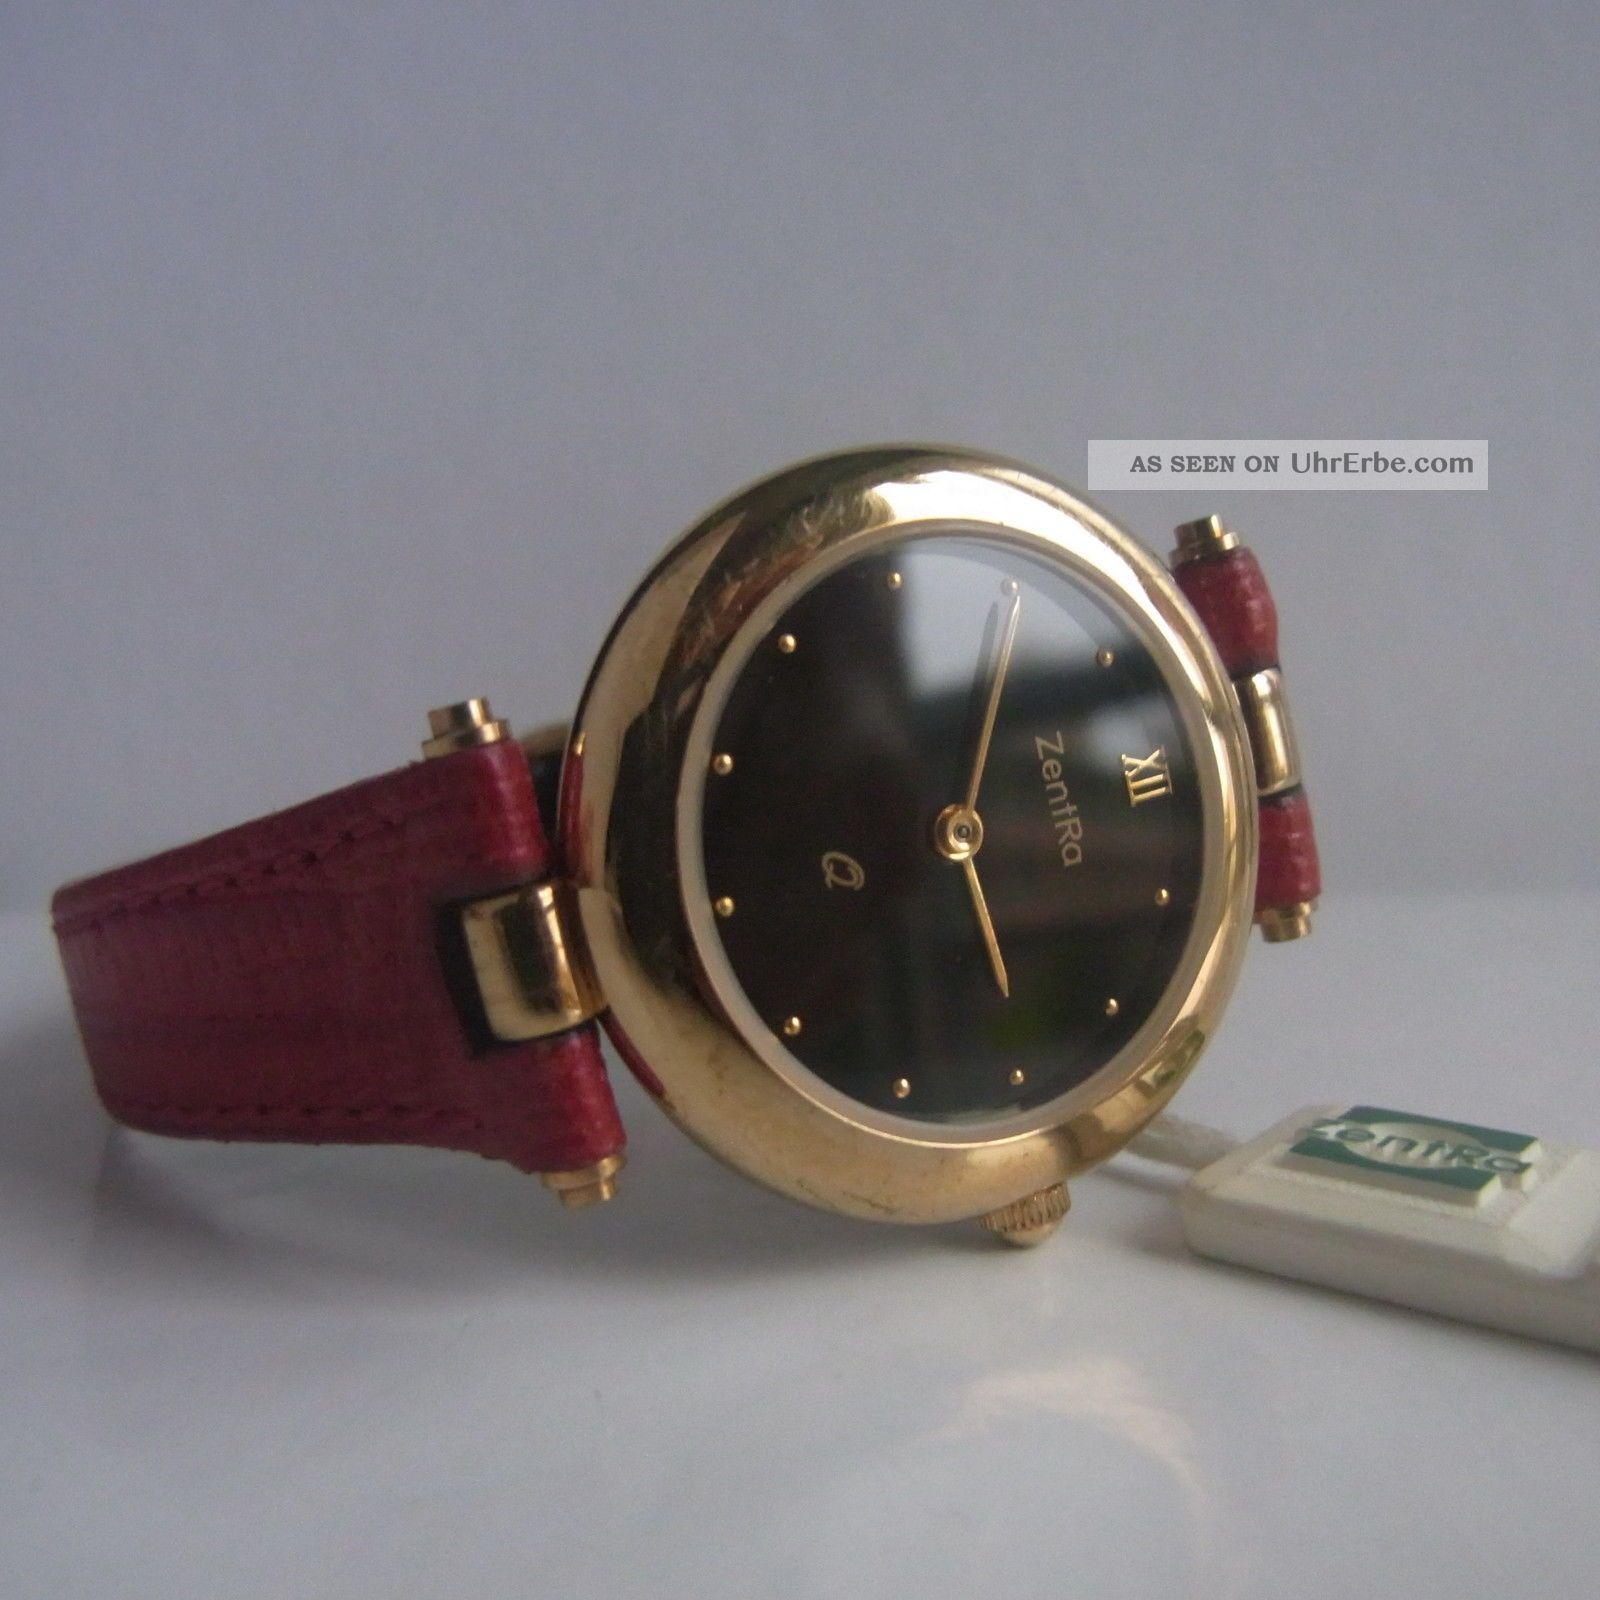 art deco markenuhr zentra uhr rotes leder armband armbanduhr damen damenuhr. Black Bedroom Furniture Sets. Home Design Ideas